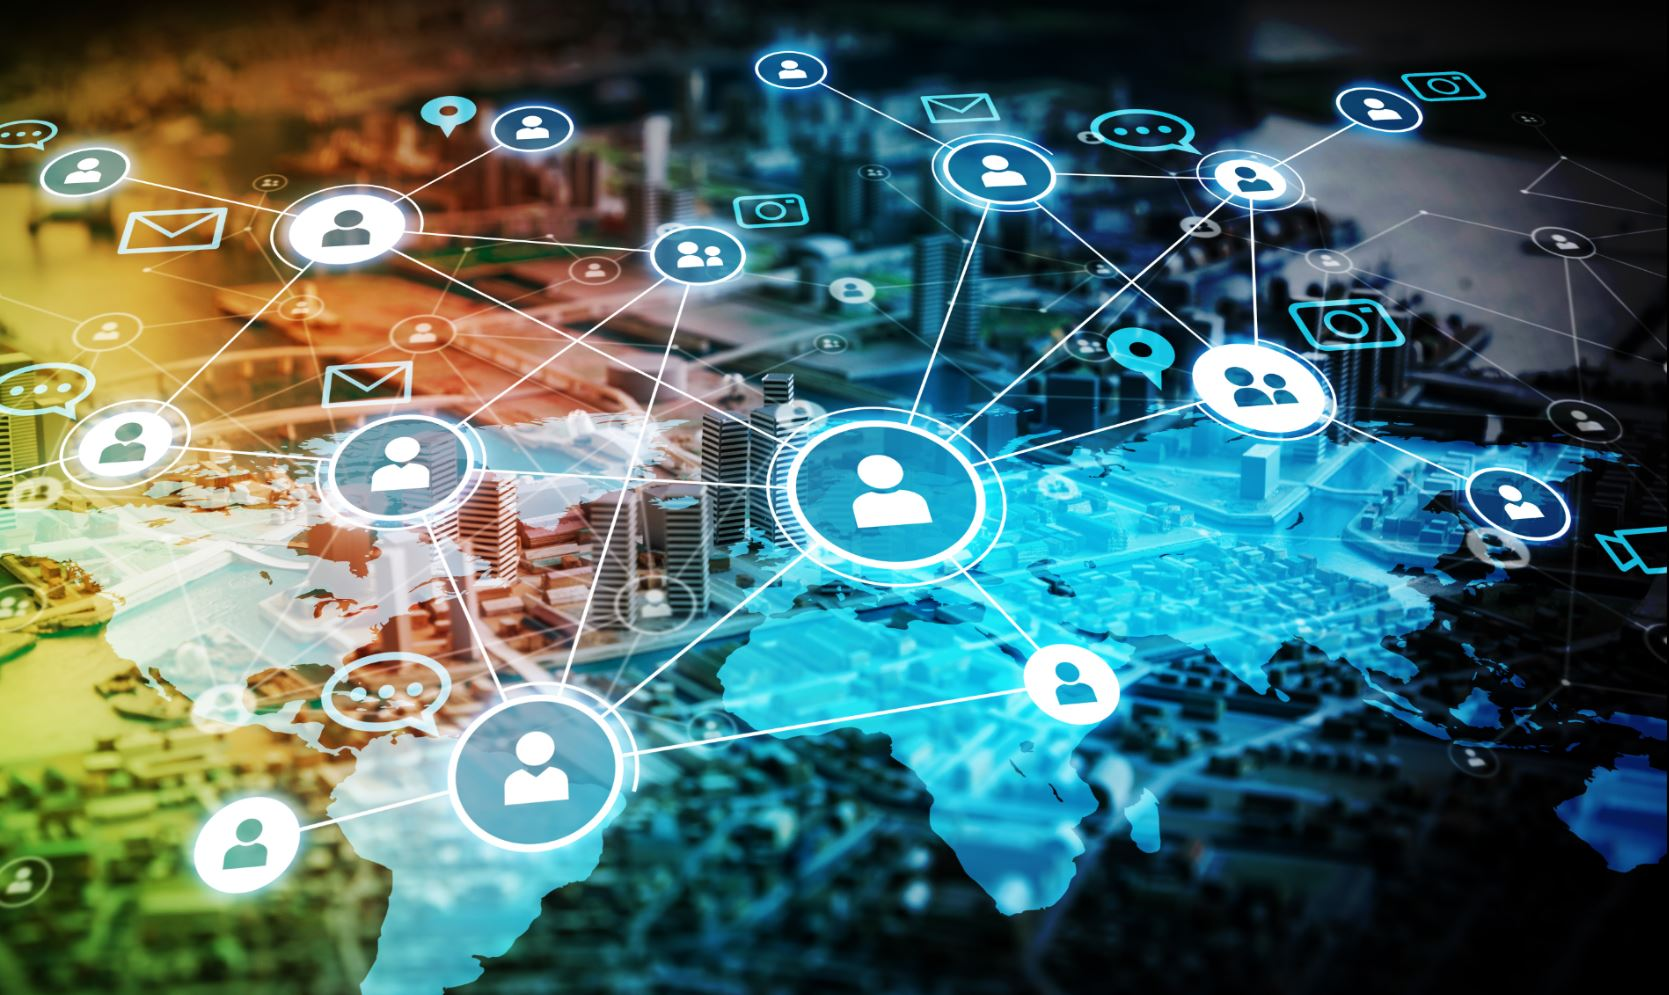 Wie funktioniert das Internet? Kurz und bündig erklärt